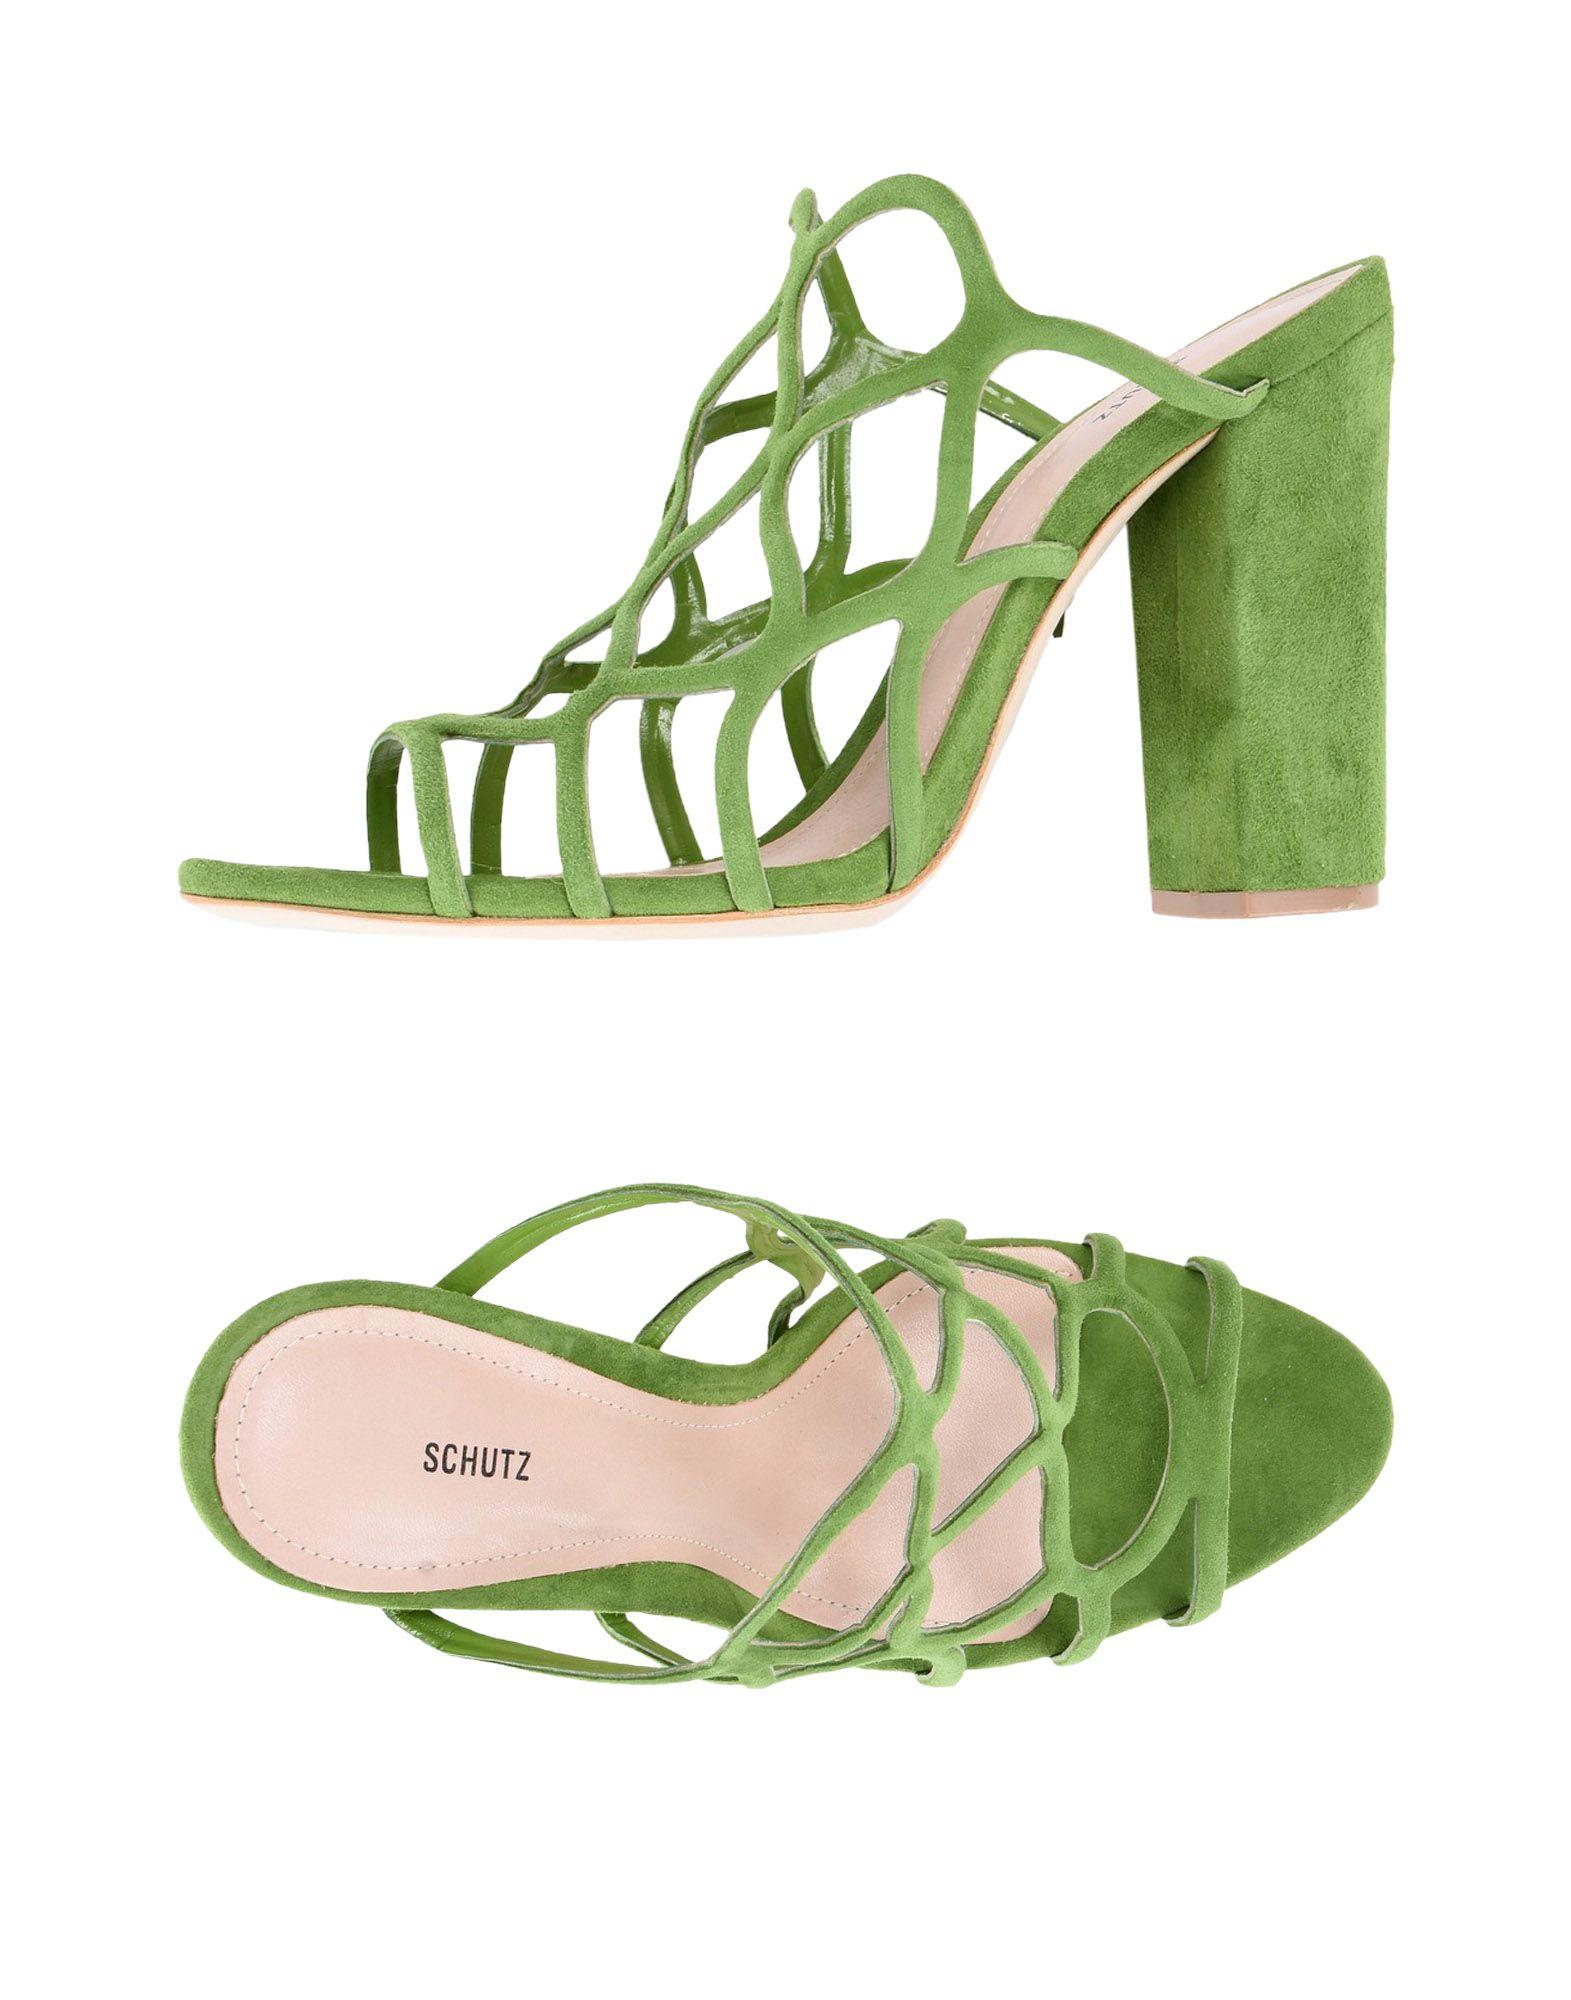 Schutz Sandalen Damen  11458138MX Schuhe Gute Qualität beliebte Schuhe 11458138MX 147246